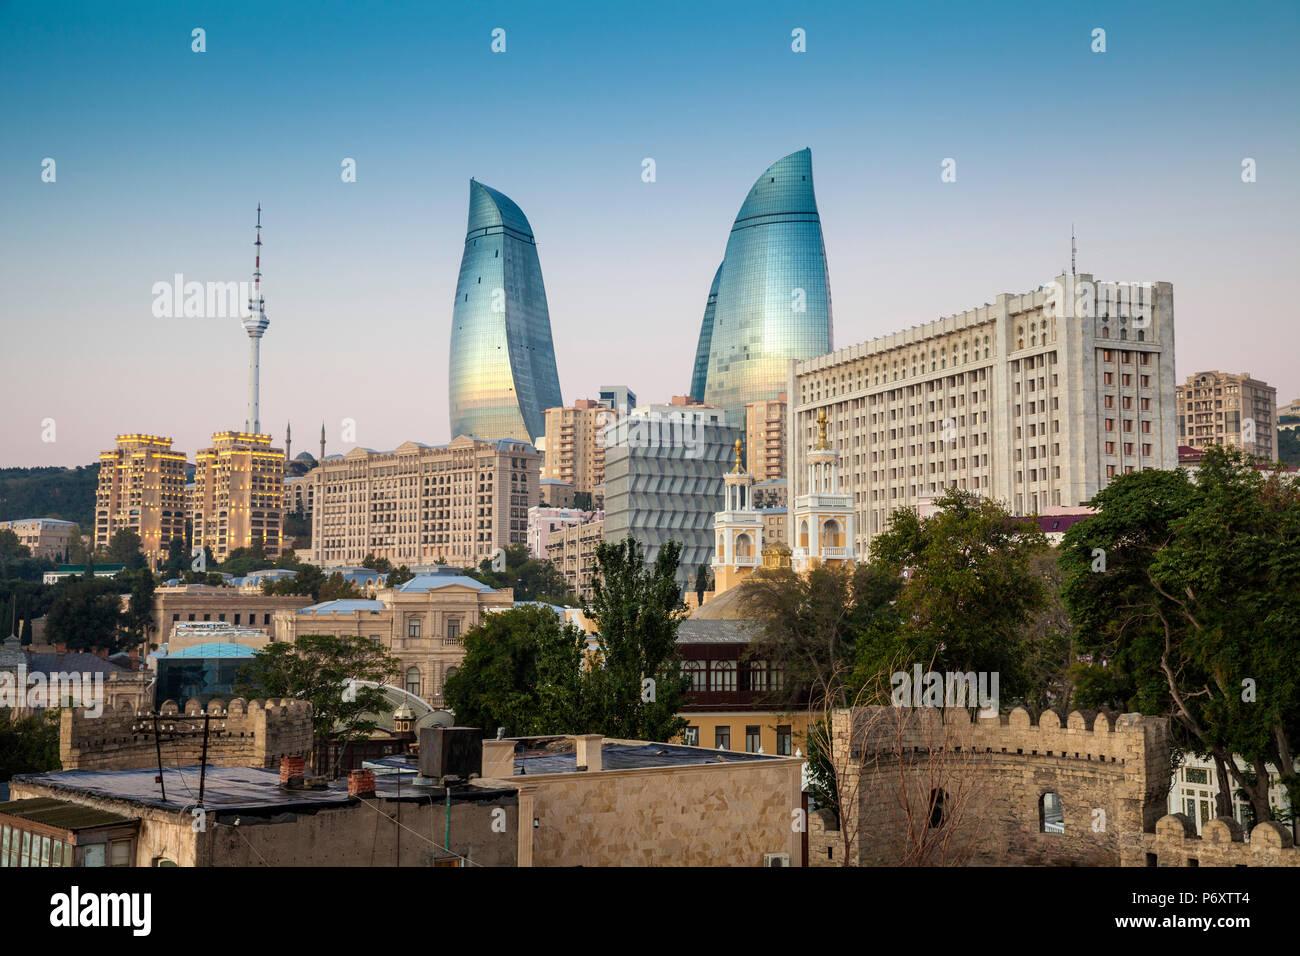 View Over Baku Stock Photos & View Over Baku Stock Images - Alamy